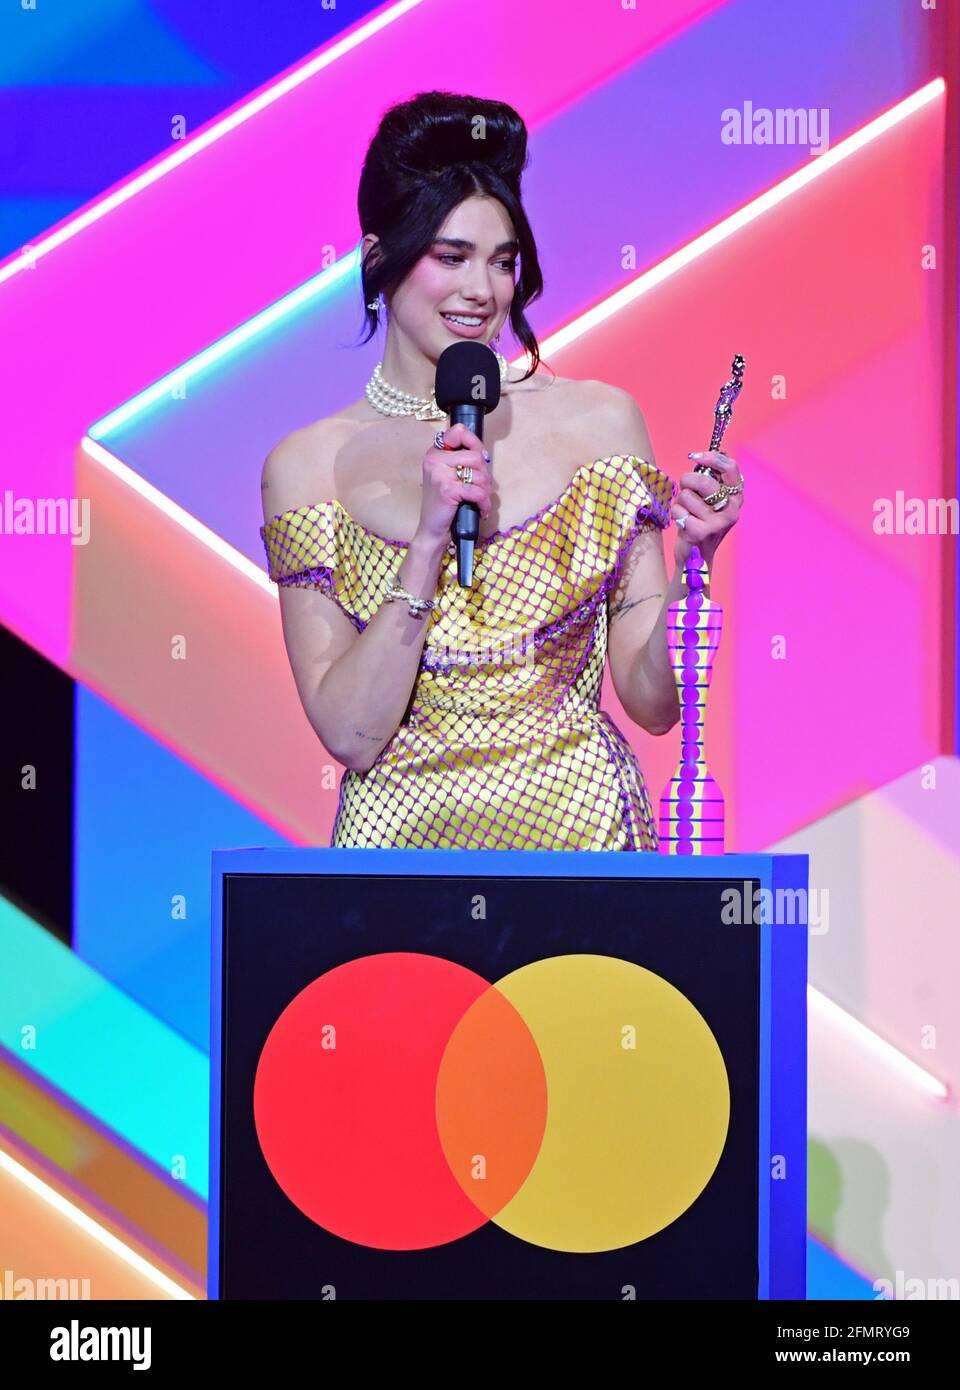 Dua Lipa nimmt den Preis für weibliche Solo-Künstlerin während der Brit Awards 2021 in der O2 Arena, London, entgegen. Bilddatum: Dienstag, 11. Mai 2021. Stockfoto